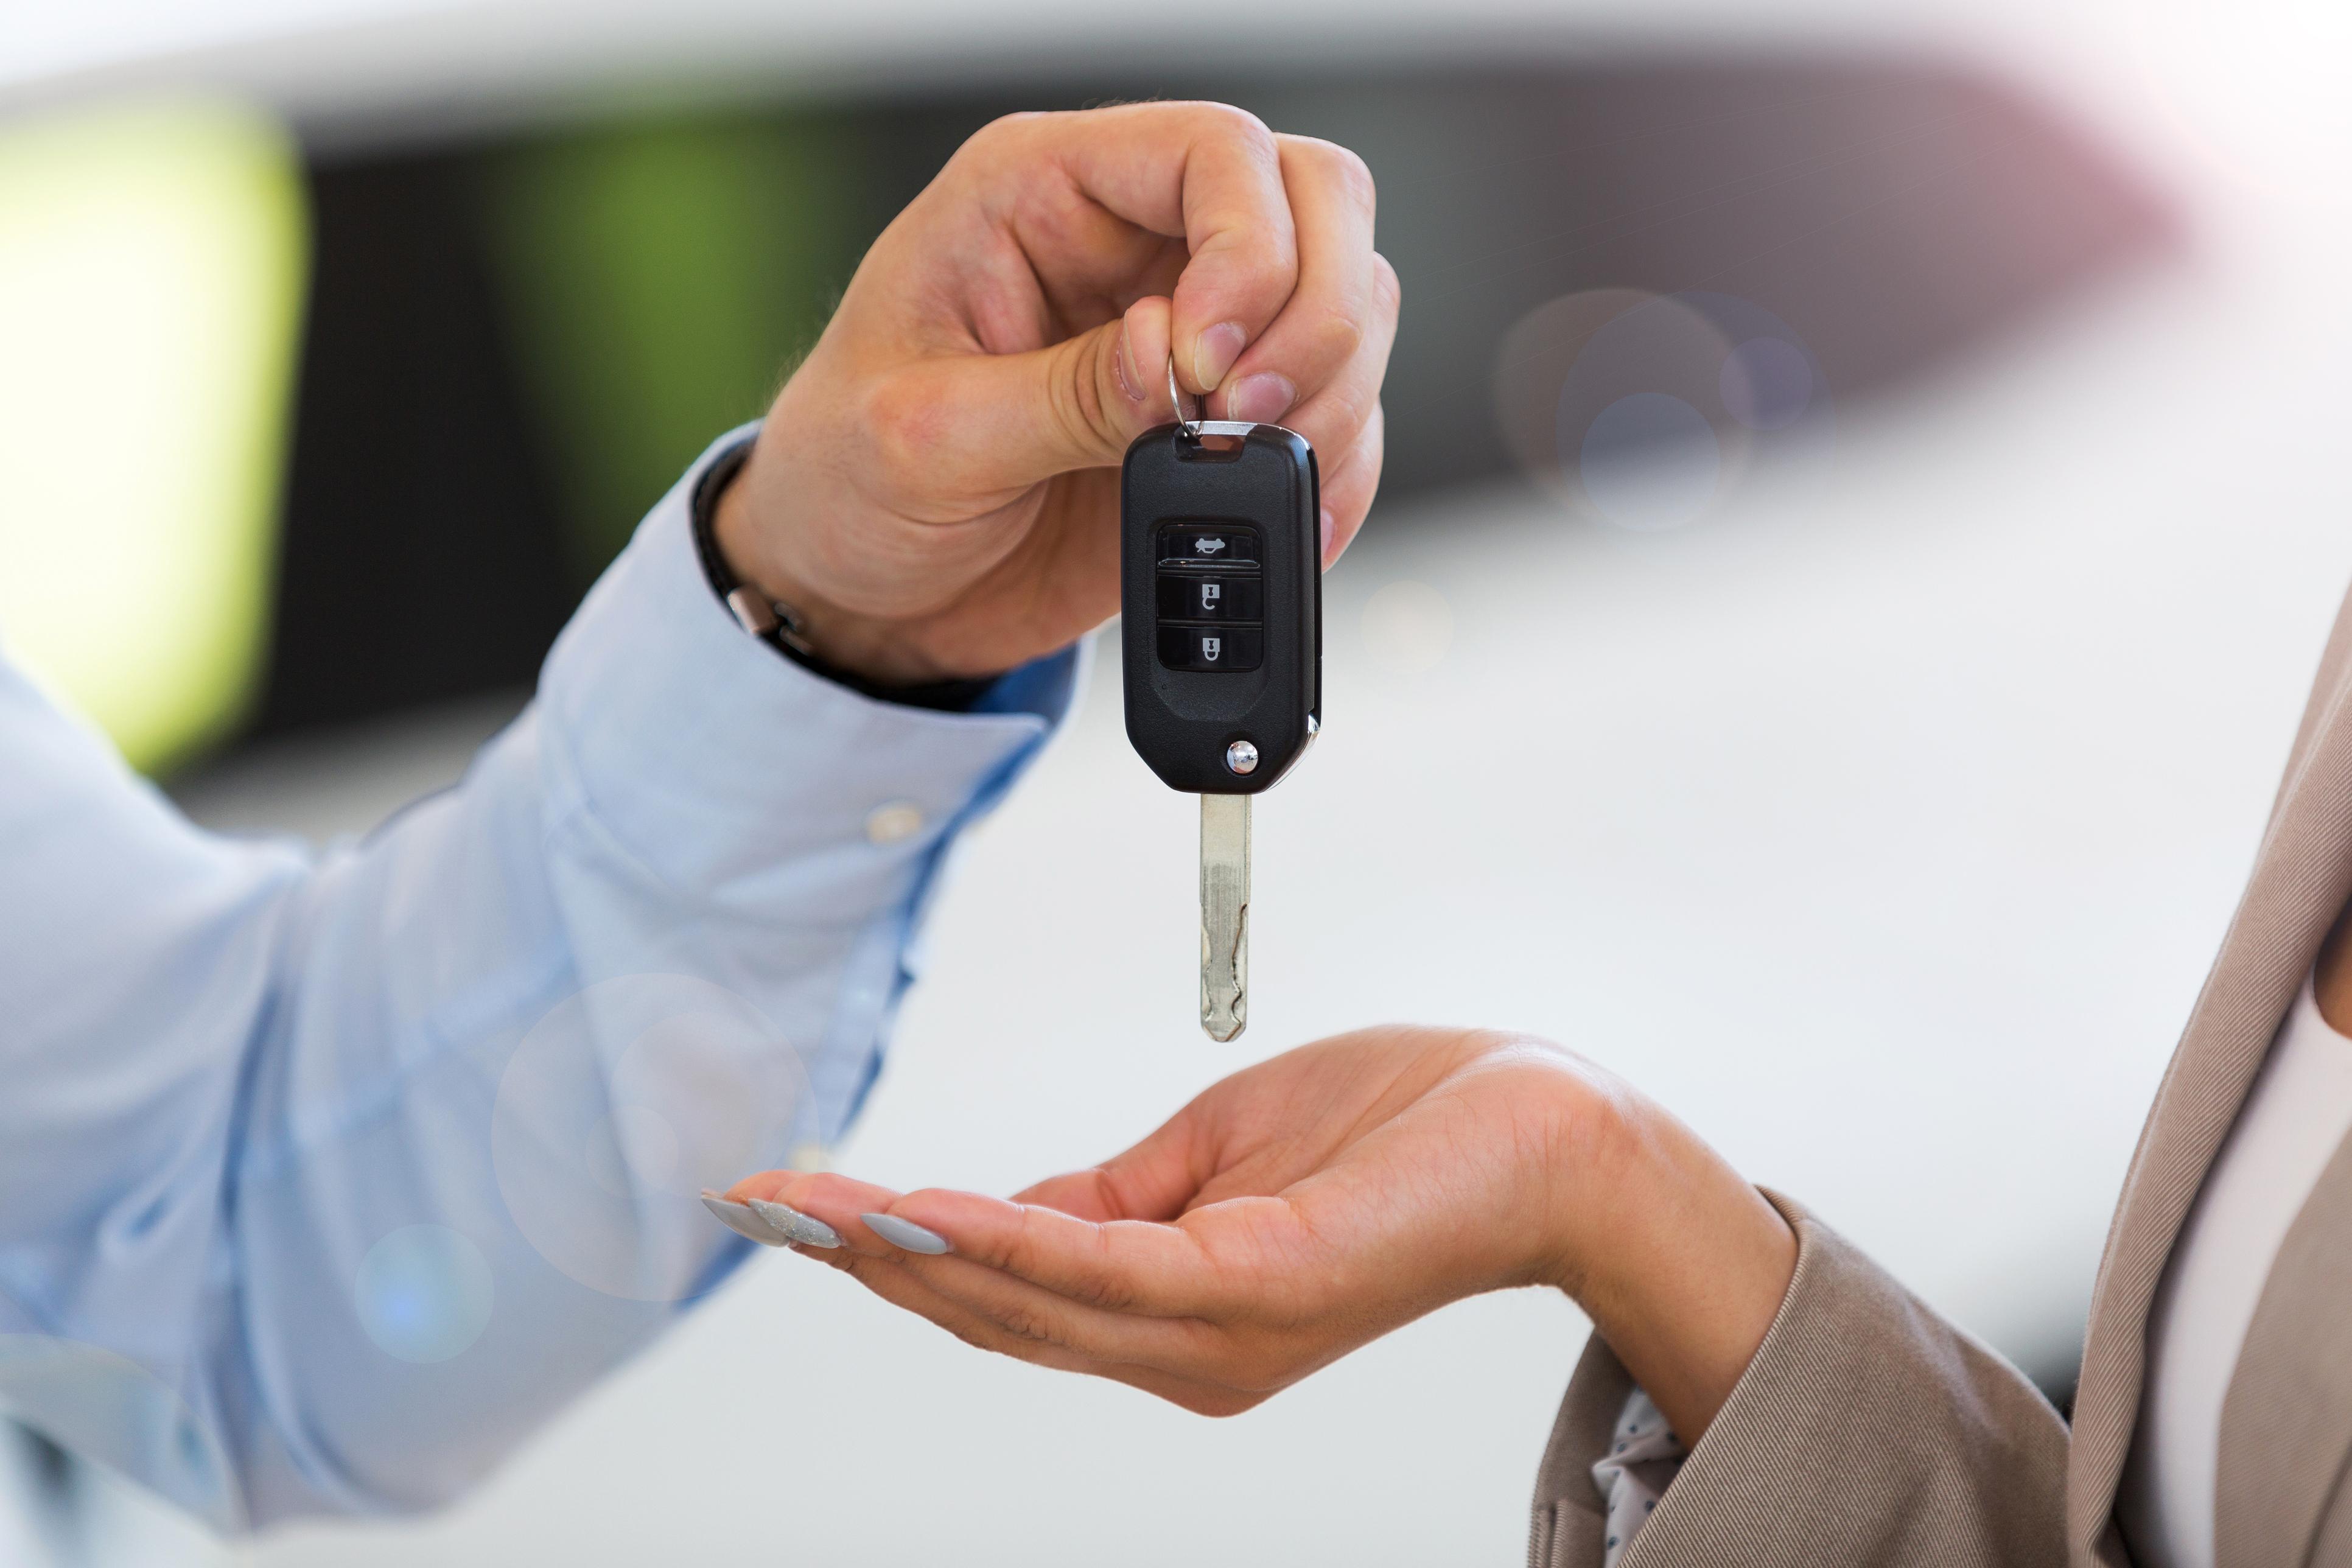 Car salesman handing car keys to woman in showroom